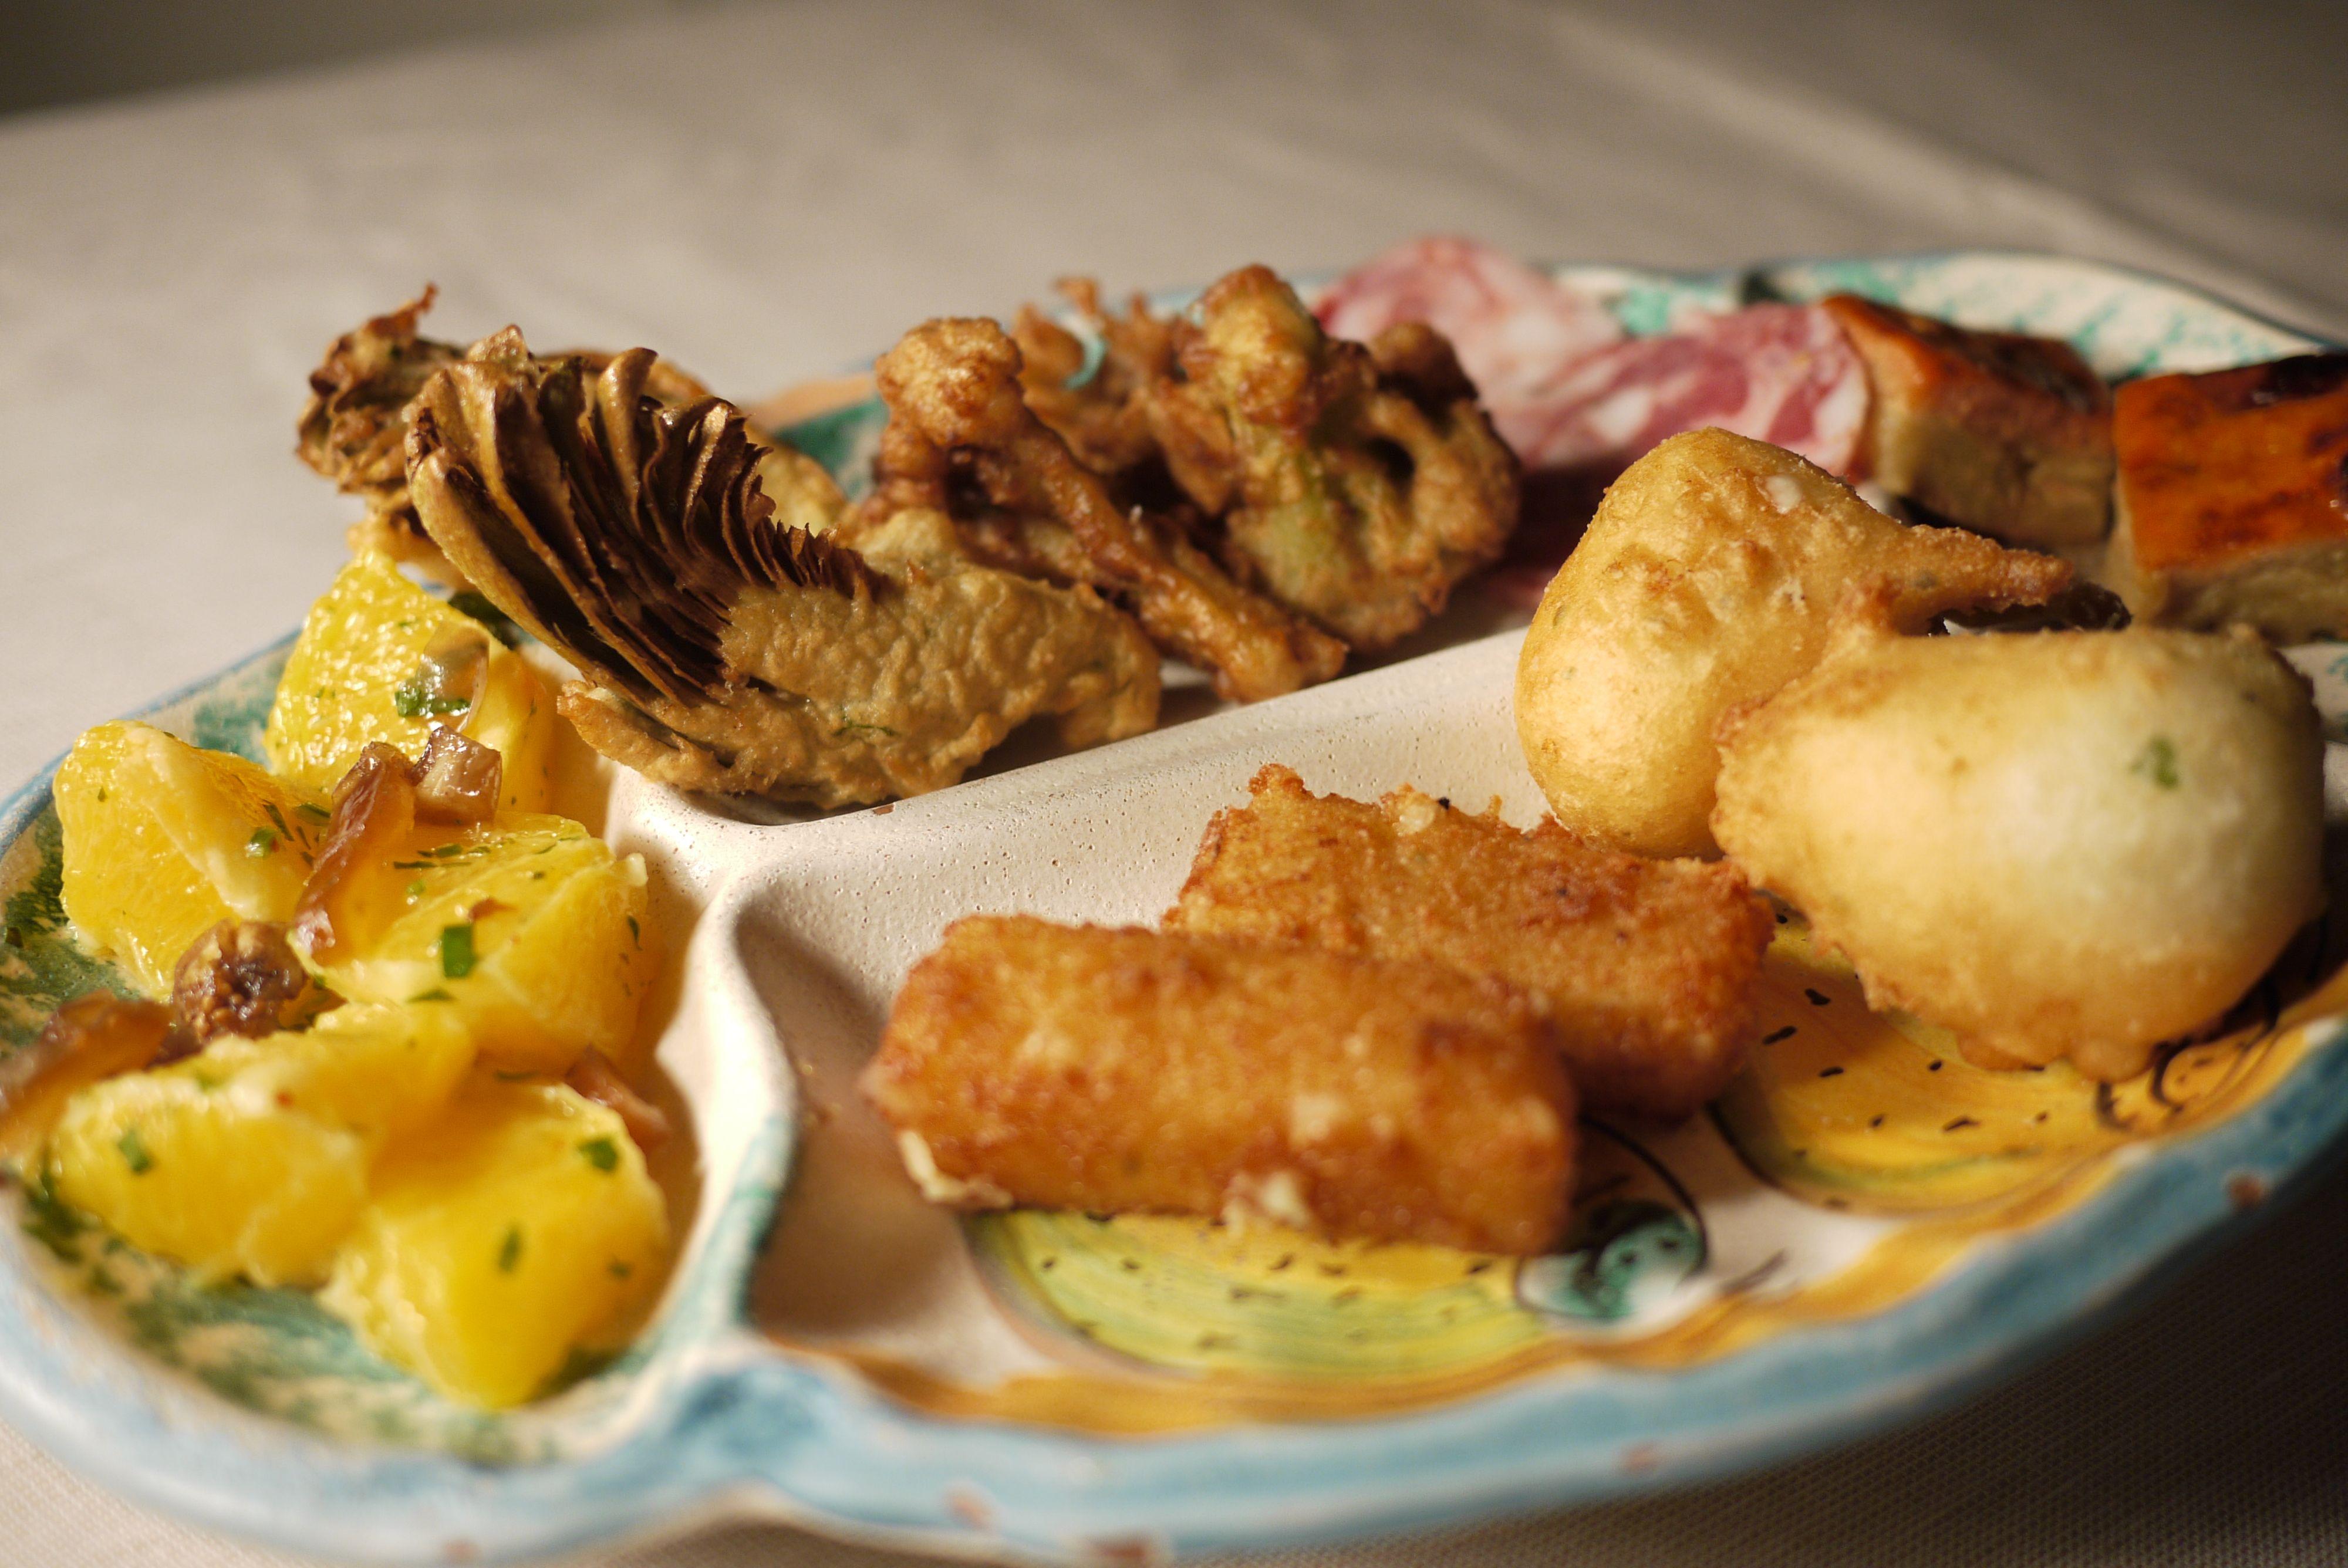 Antipasti Di Natale Siciliani.Antipasti Rustici Siciliani Su Fangotto Di Caltagirone Ricette Gastronomia Foodie